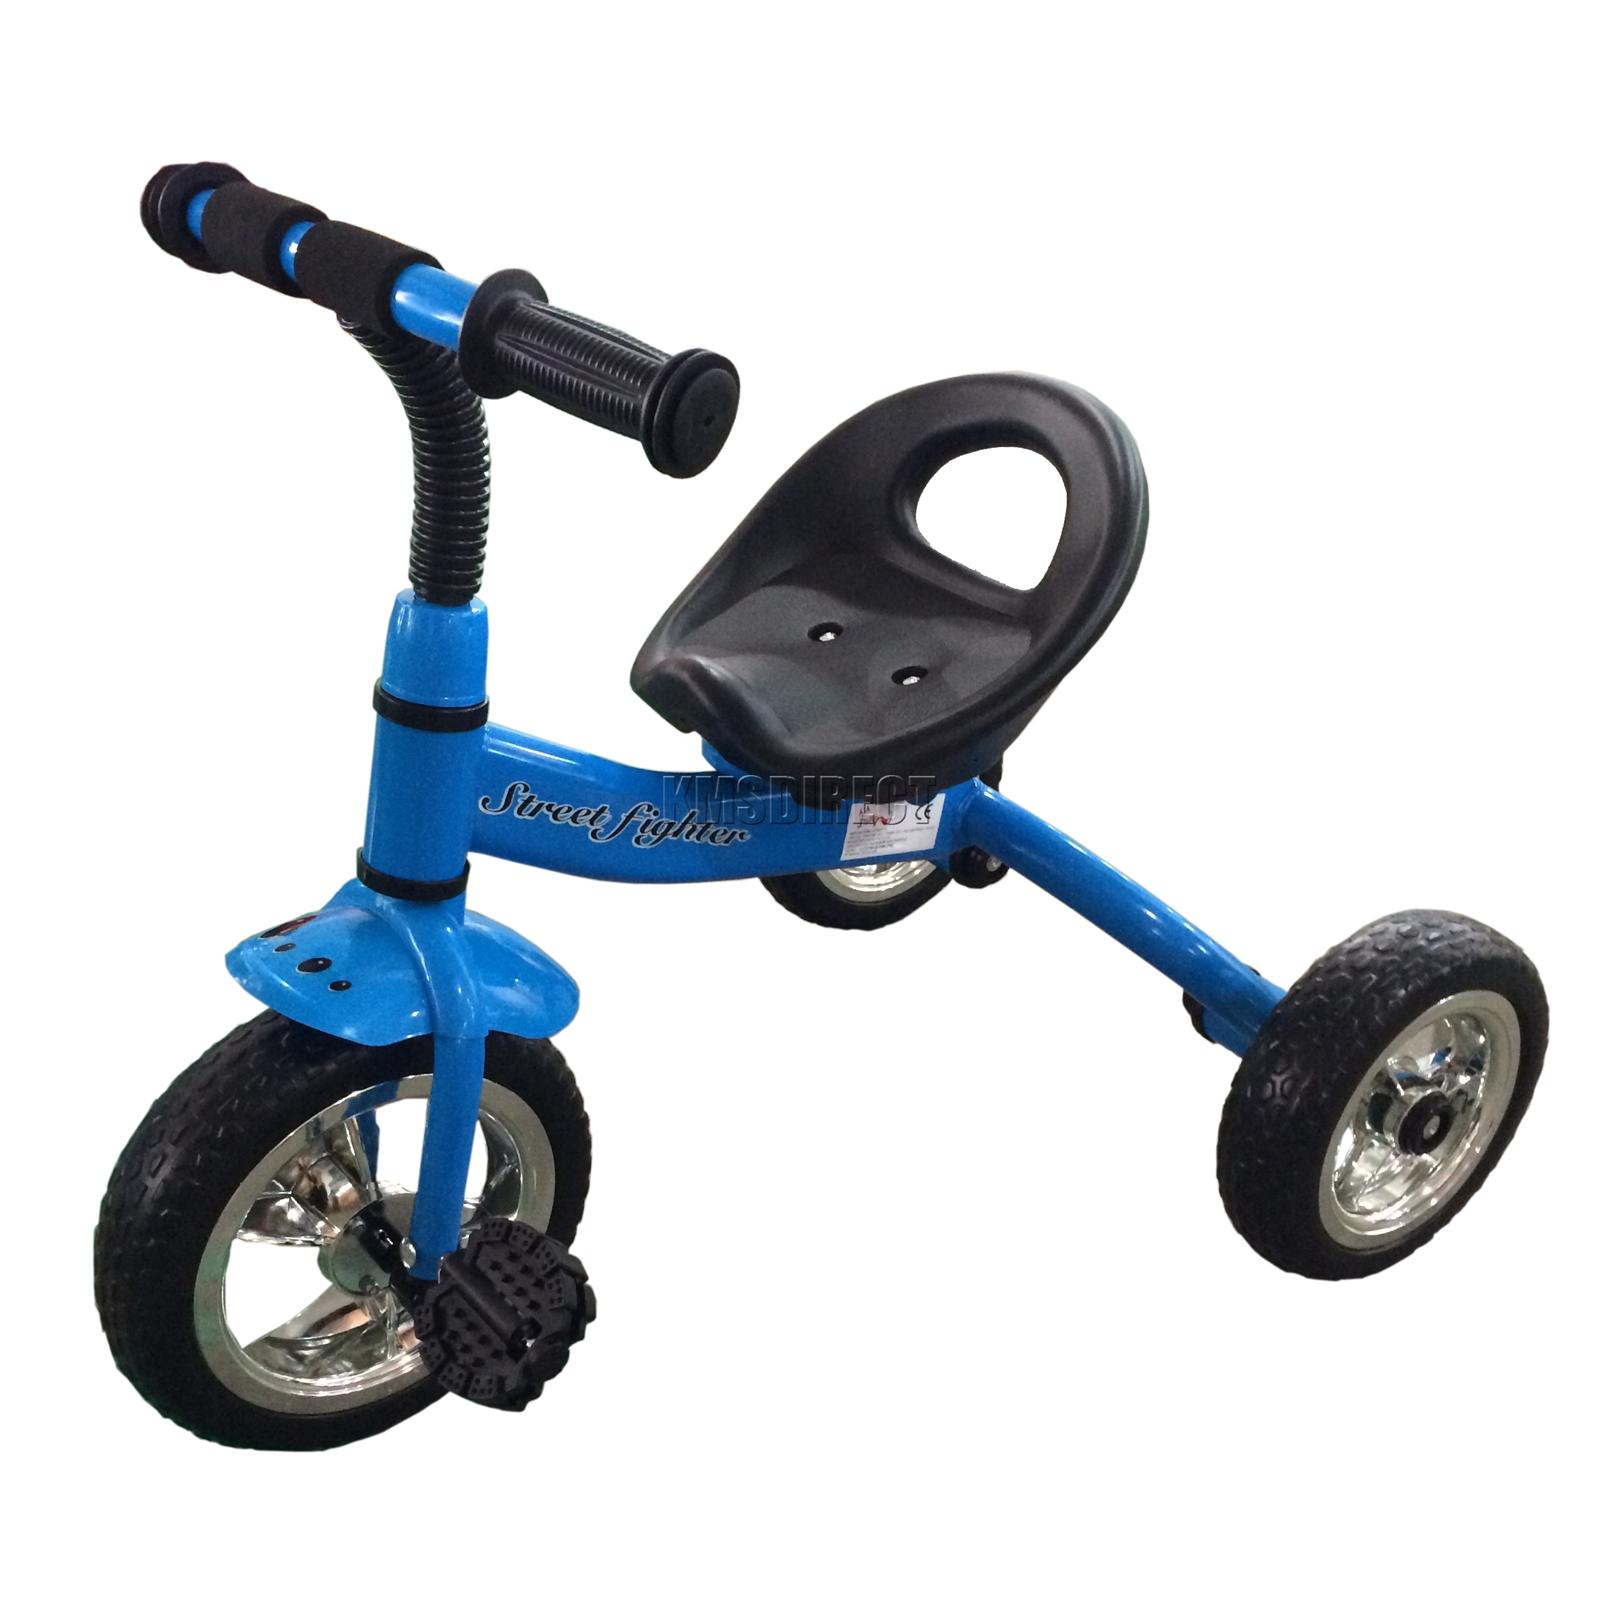 Three Wheeler Frame : Foxhunter blue child children kids trike tricycle wheel